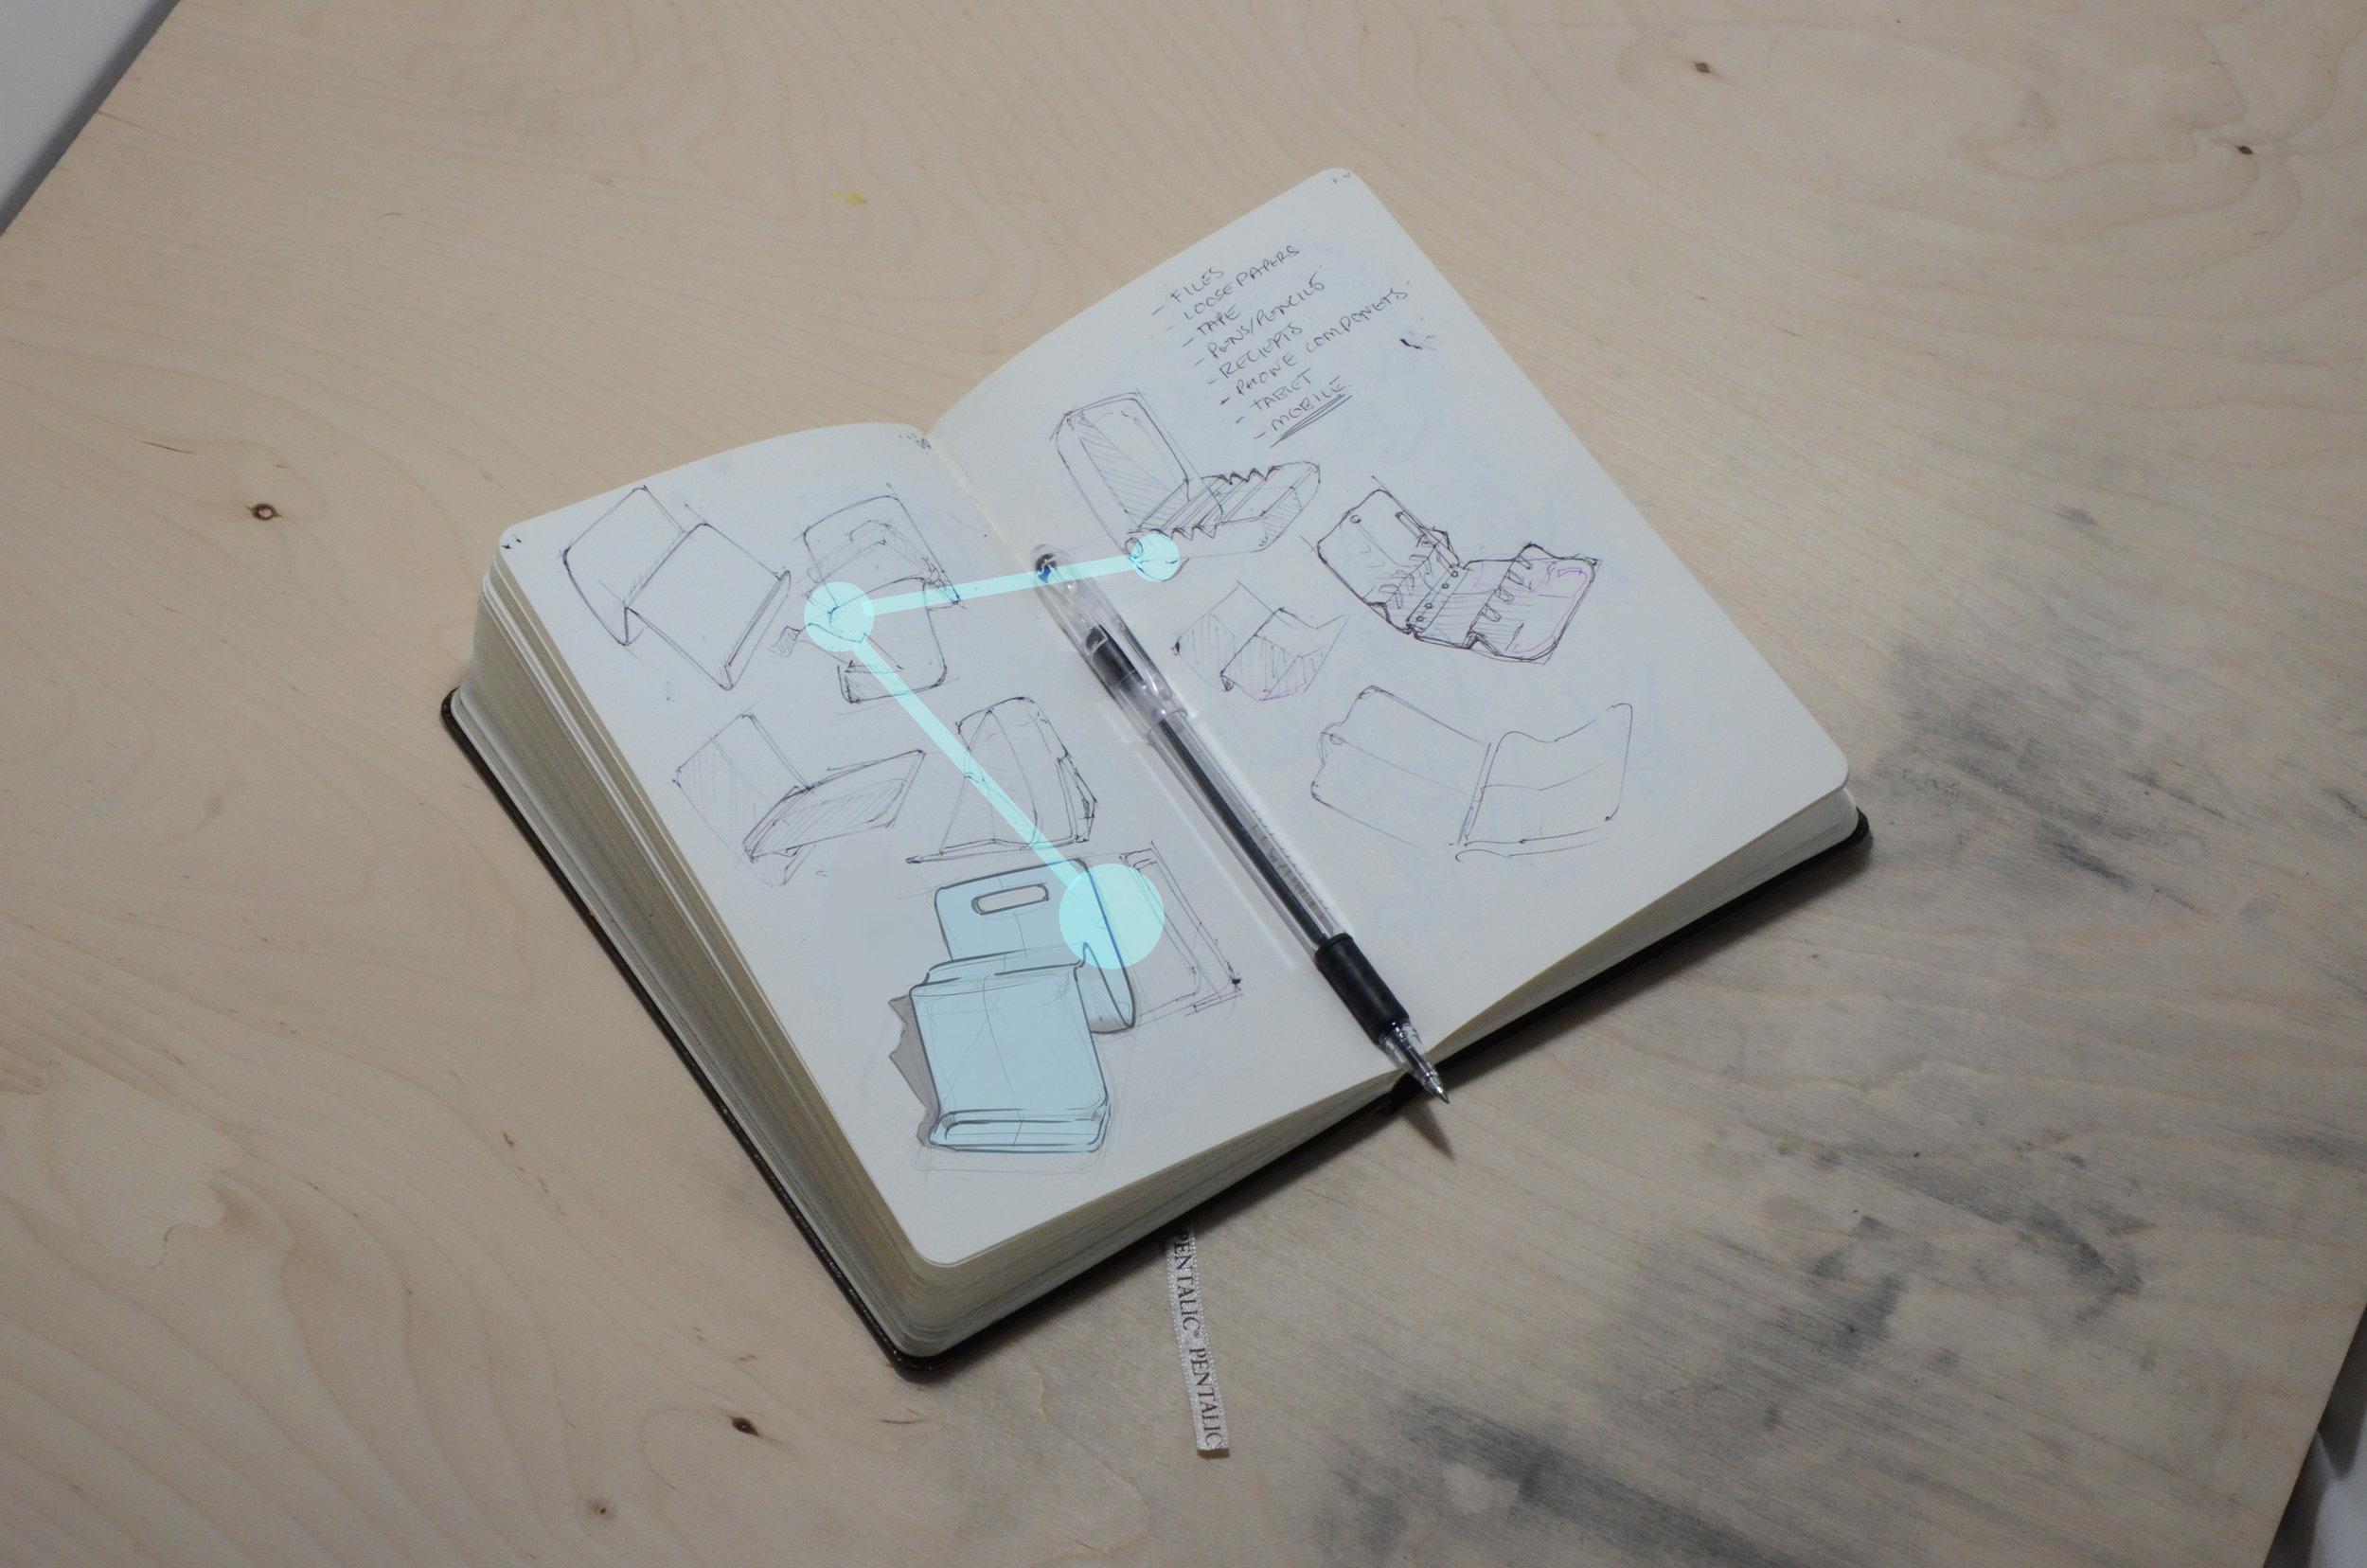 DSC_5266 sketches.jpg